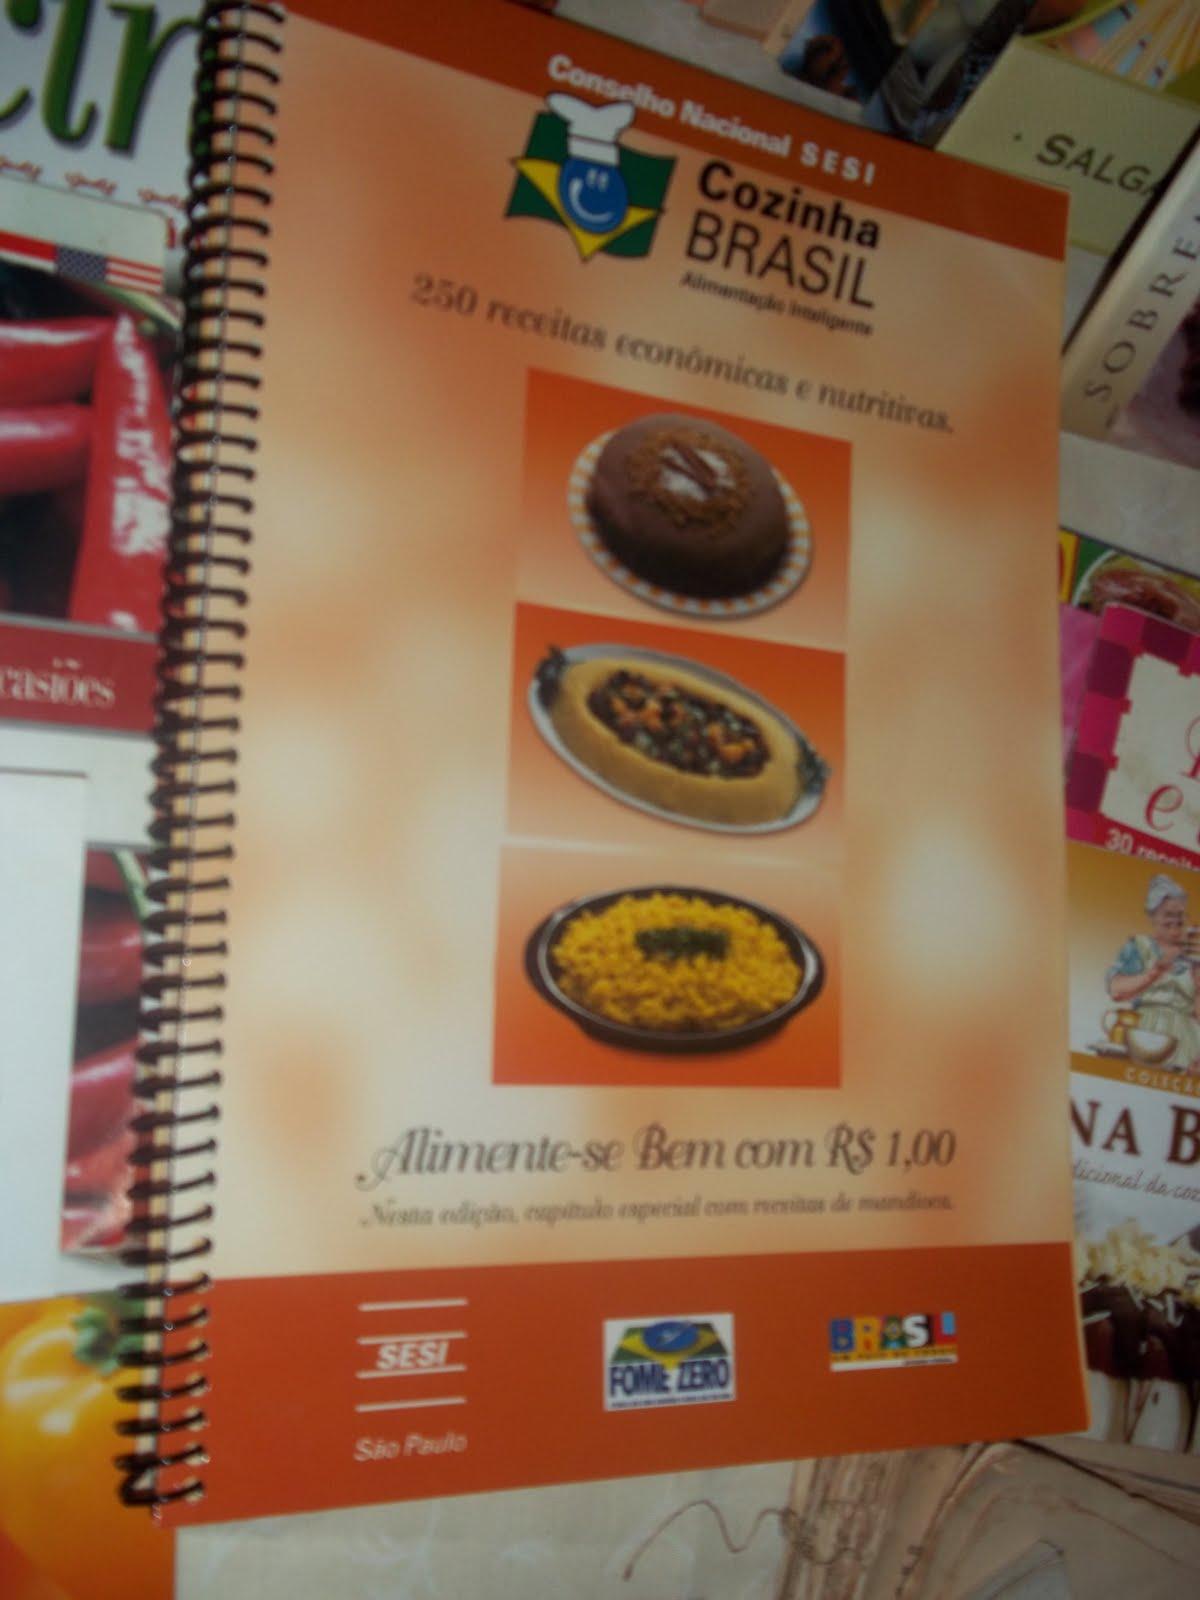 EU ADORO ..receitinhas.: O Projeto Cozinha Brasil  #AD481E 1200 1600